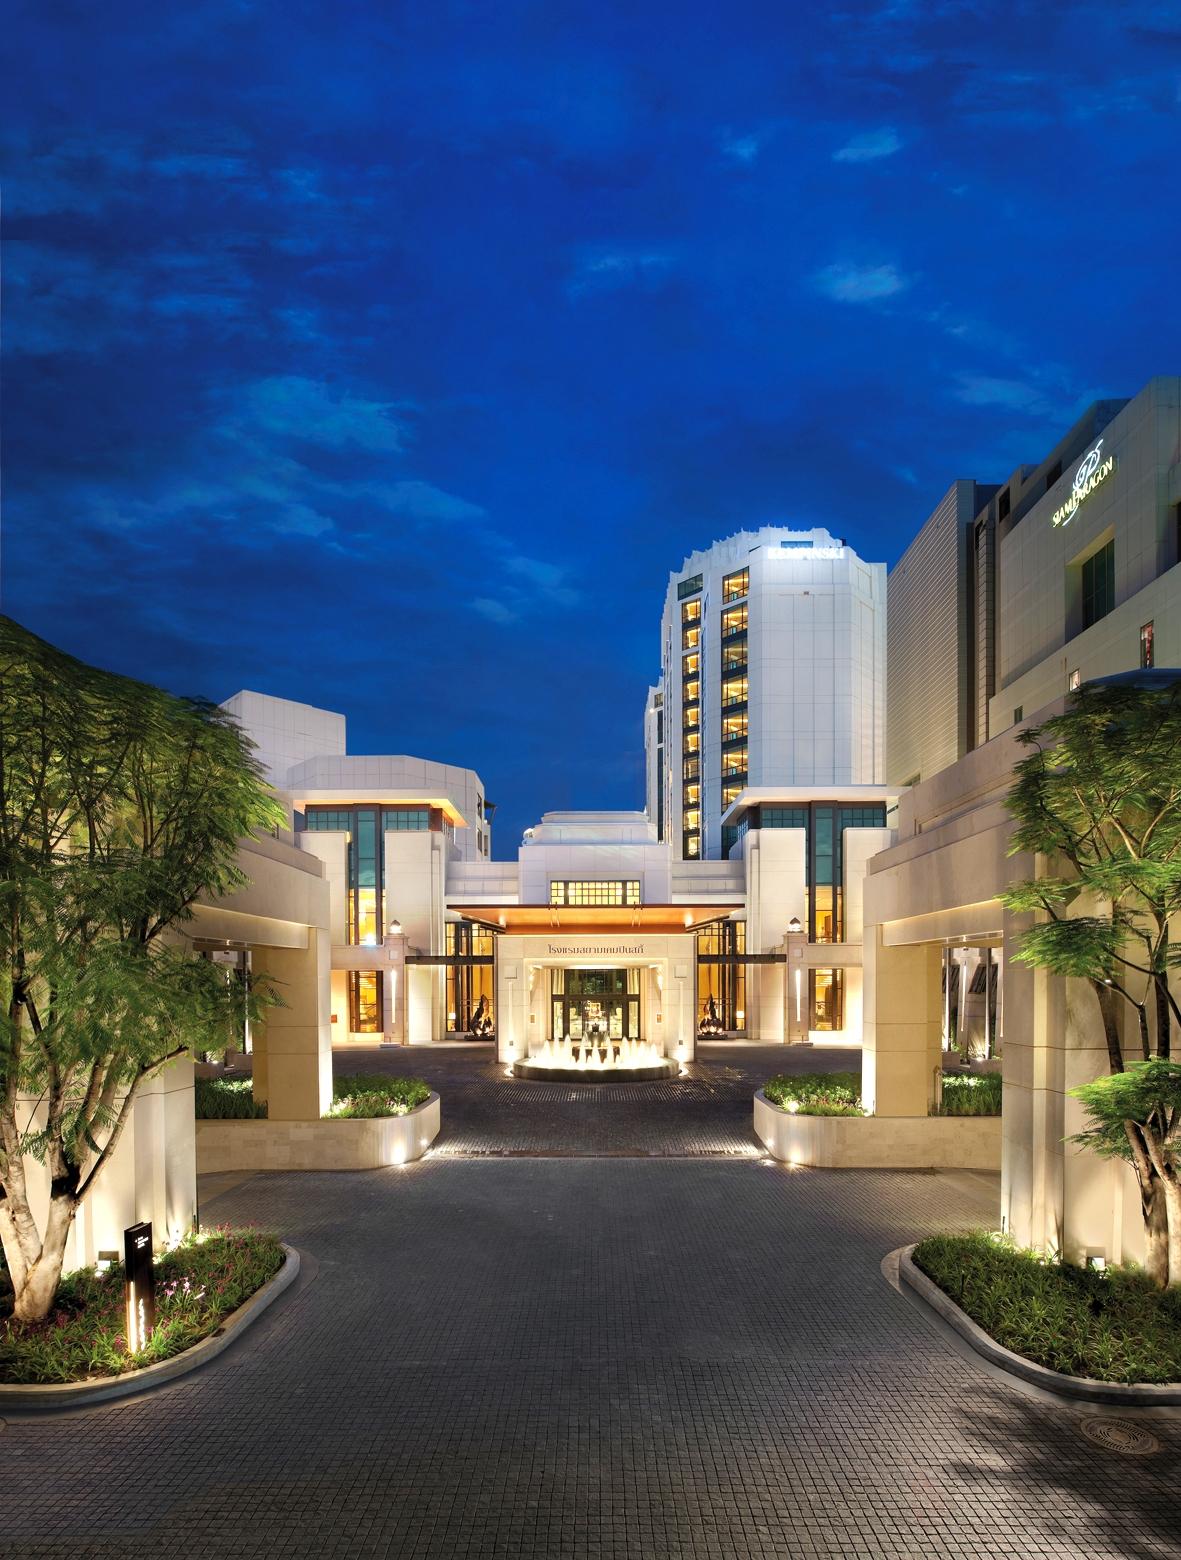 最悠閒!曼谷城市中心桃花源 Siam Kempinski Hotel Bangkok,是歐洲尊榮五星級飯店品牌的系列延伸,2010年開幕至今已成為曼谷奢華住宿的指標。